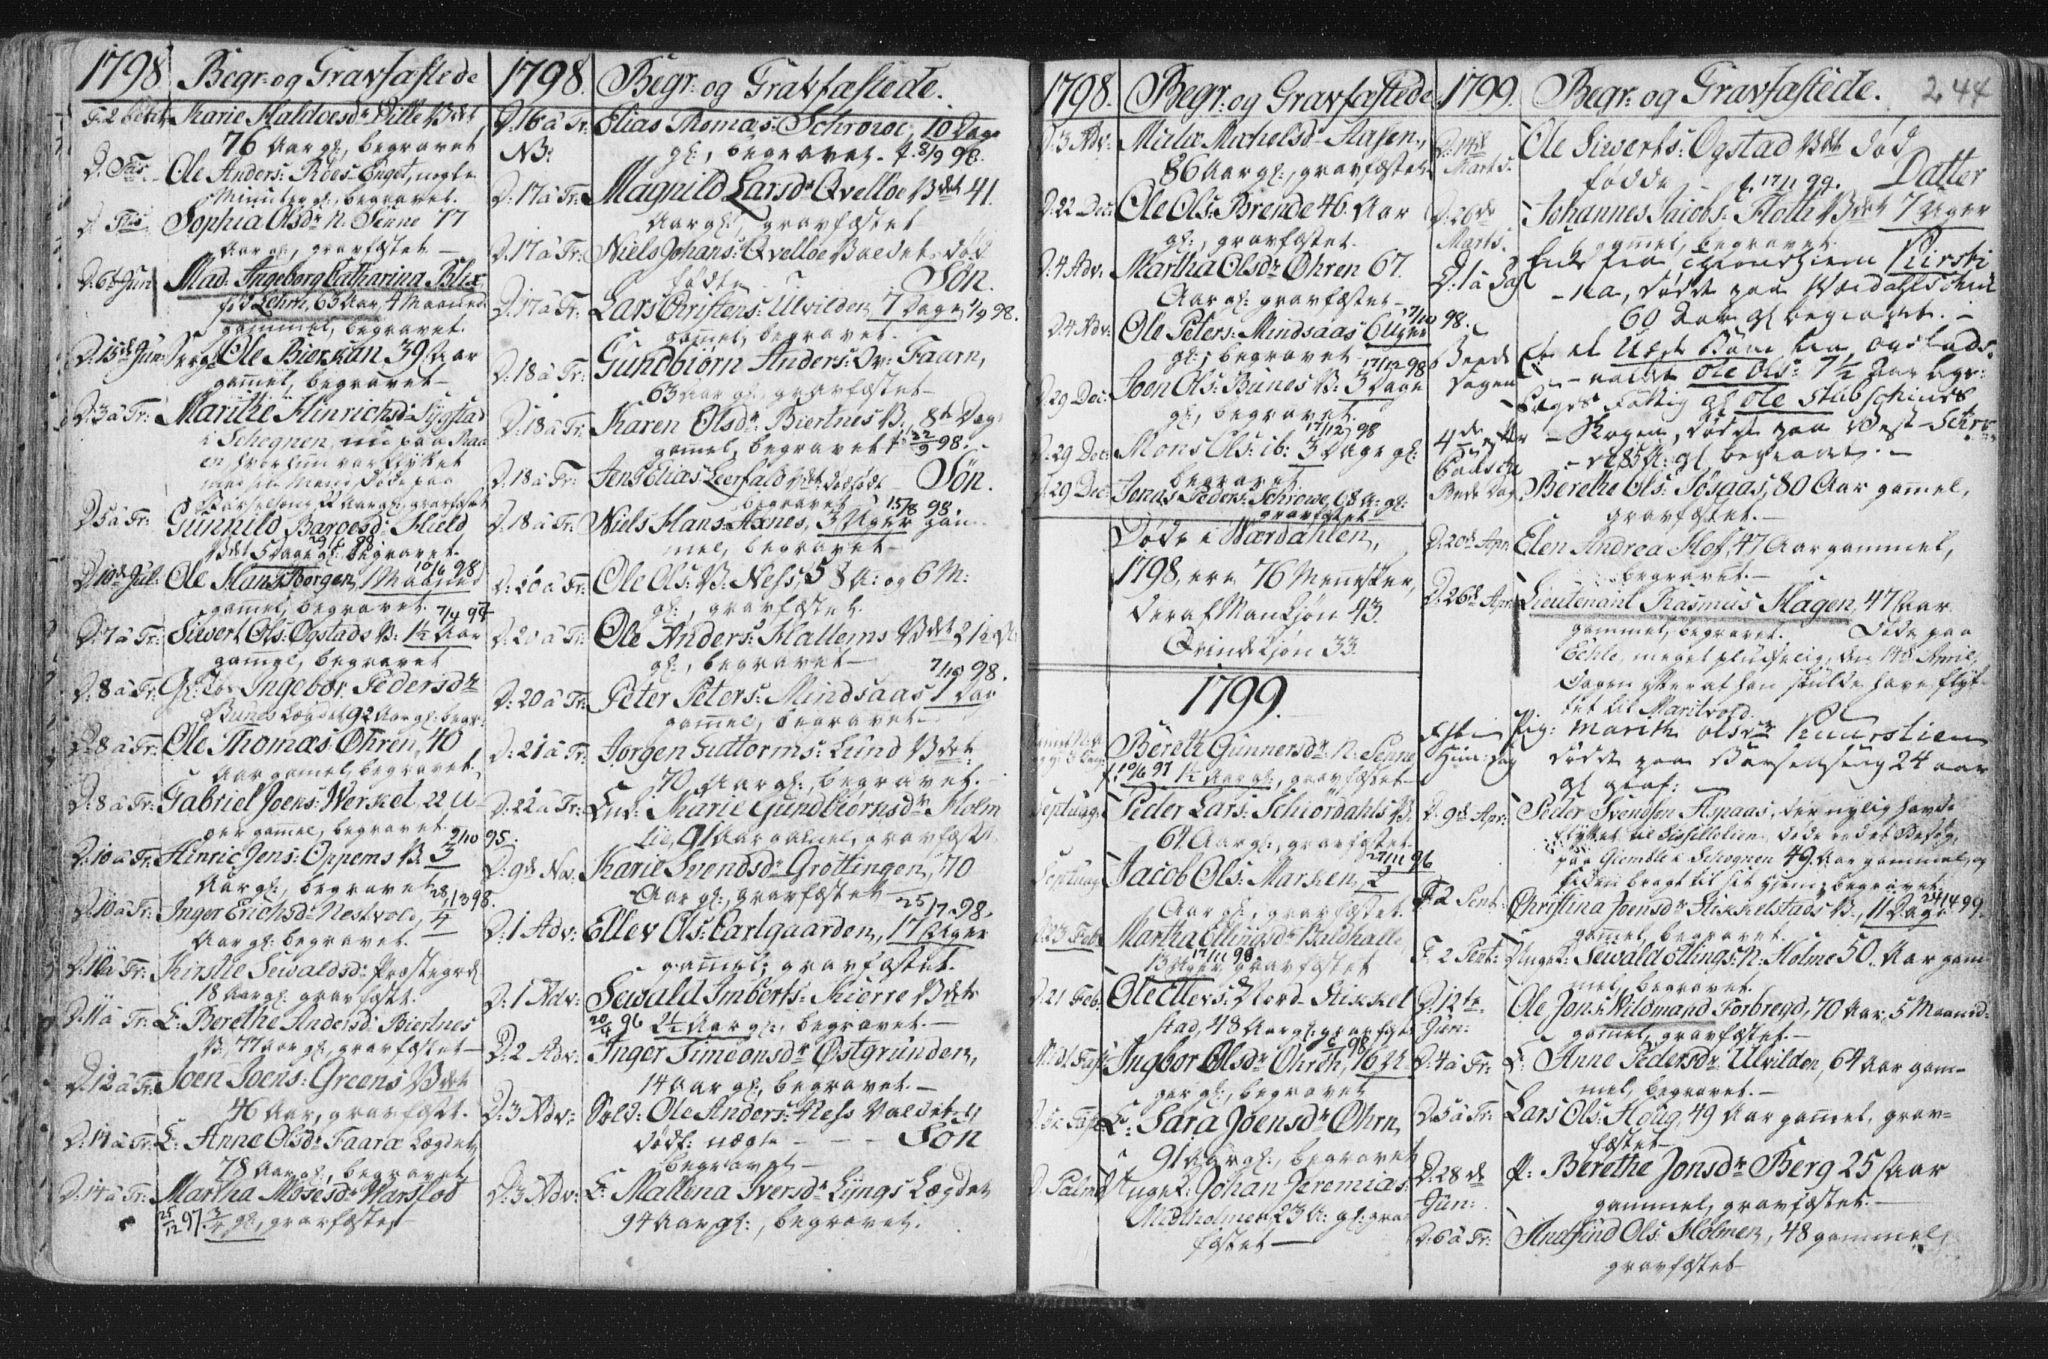 SAT, Ministerialprotokoller, klokkerbøker og fødselsregistre - Nord-Trøndelag, 723/L0232: Ministerialbok nr. 723A03, 1781-1804, s. 244